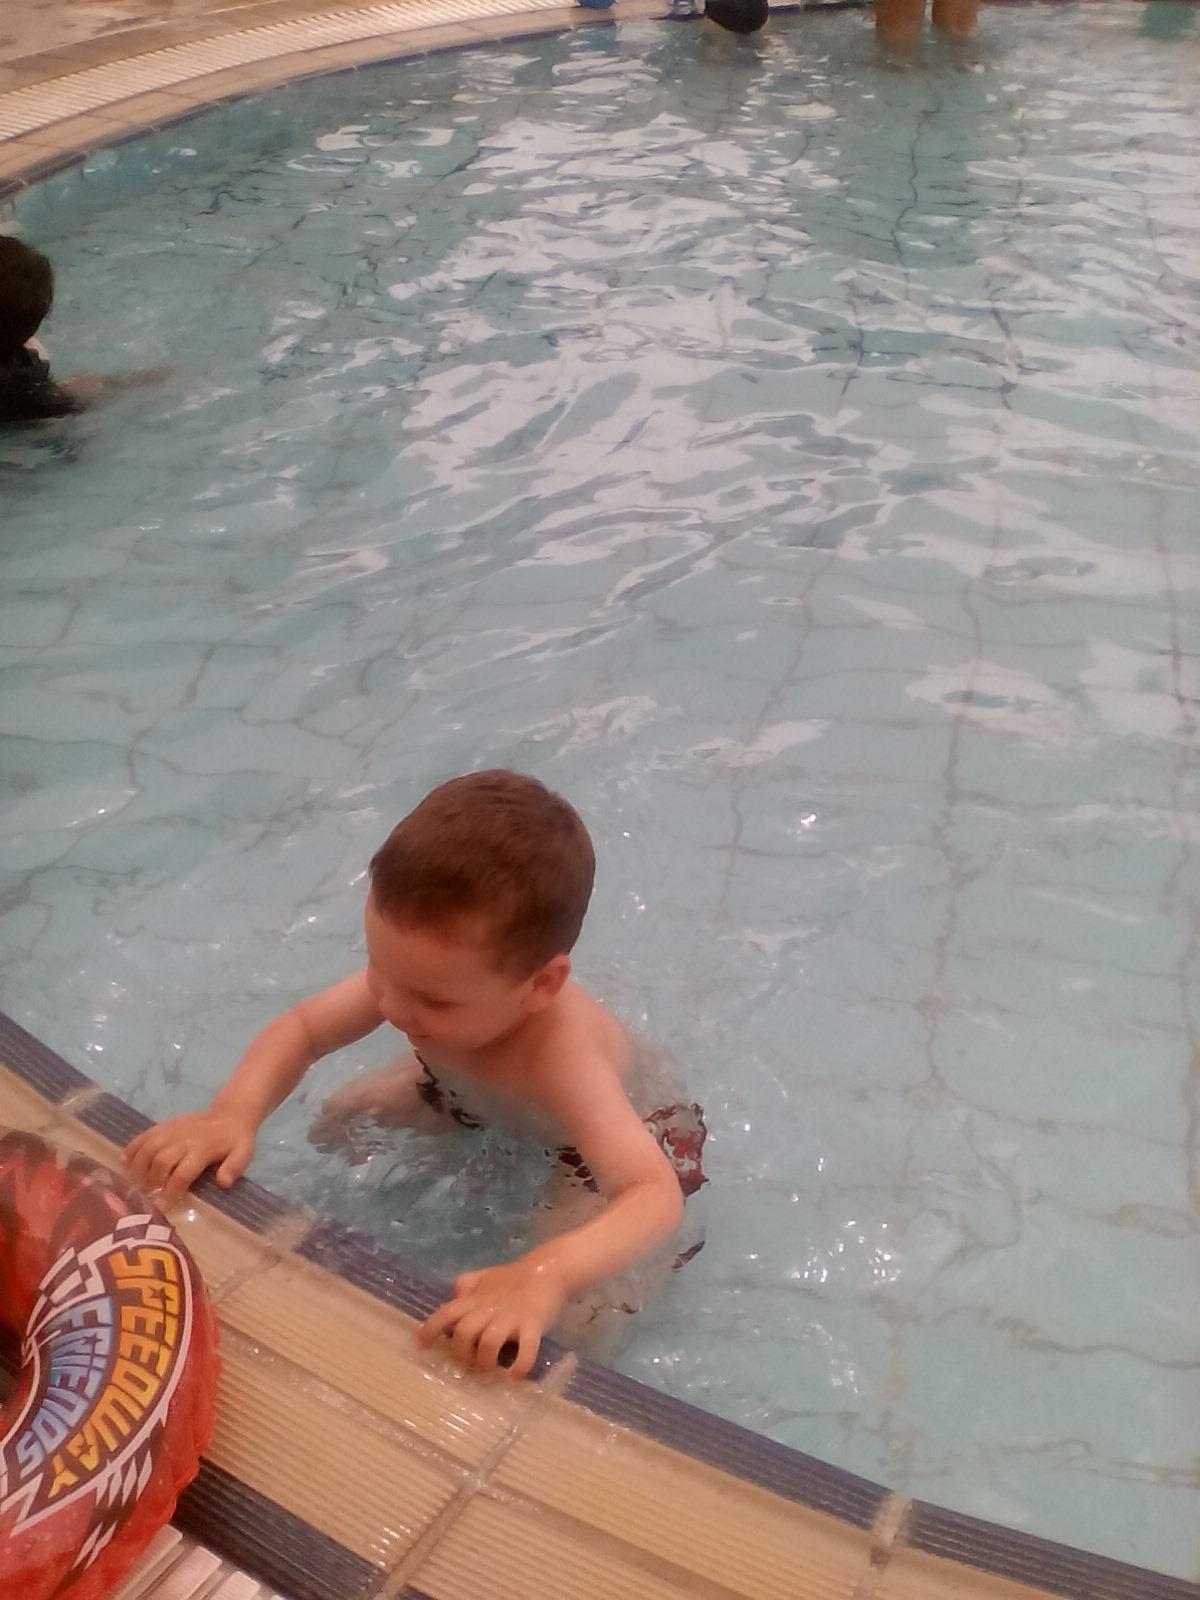 Лето и вода! Учиться плавать. Летнее настроение